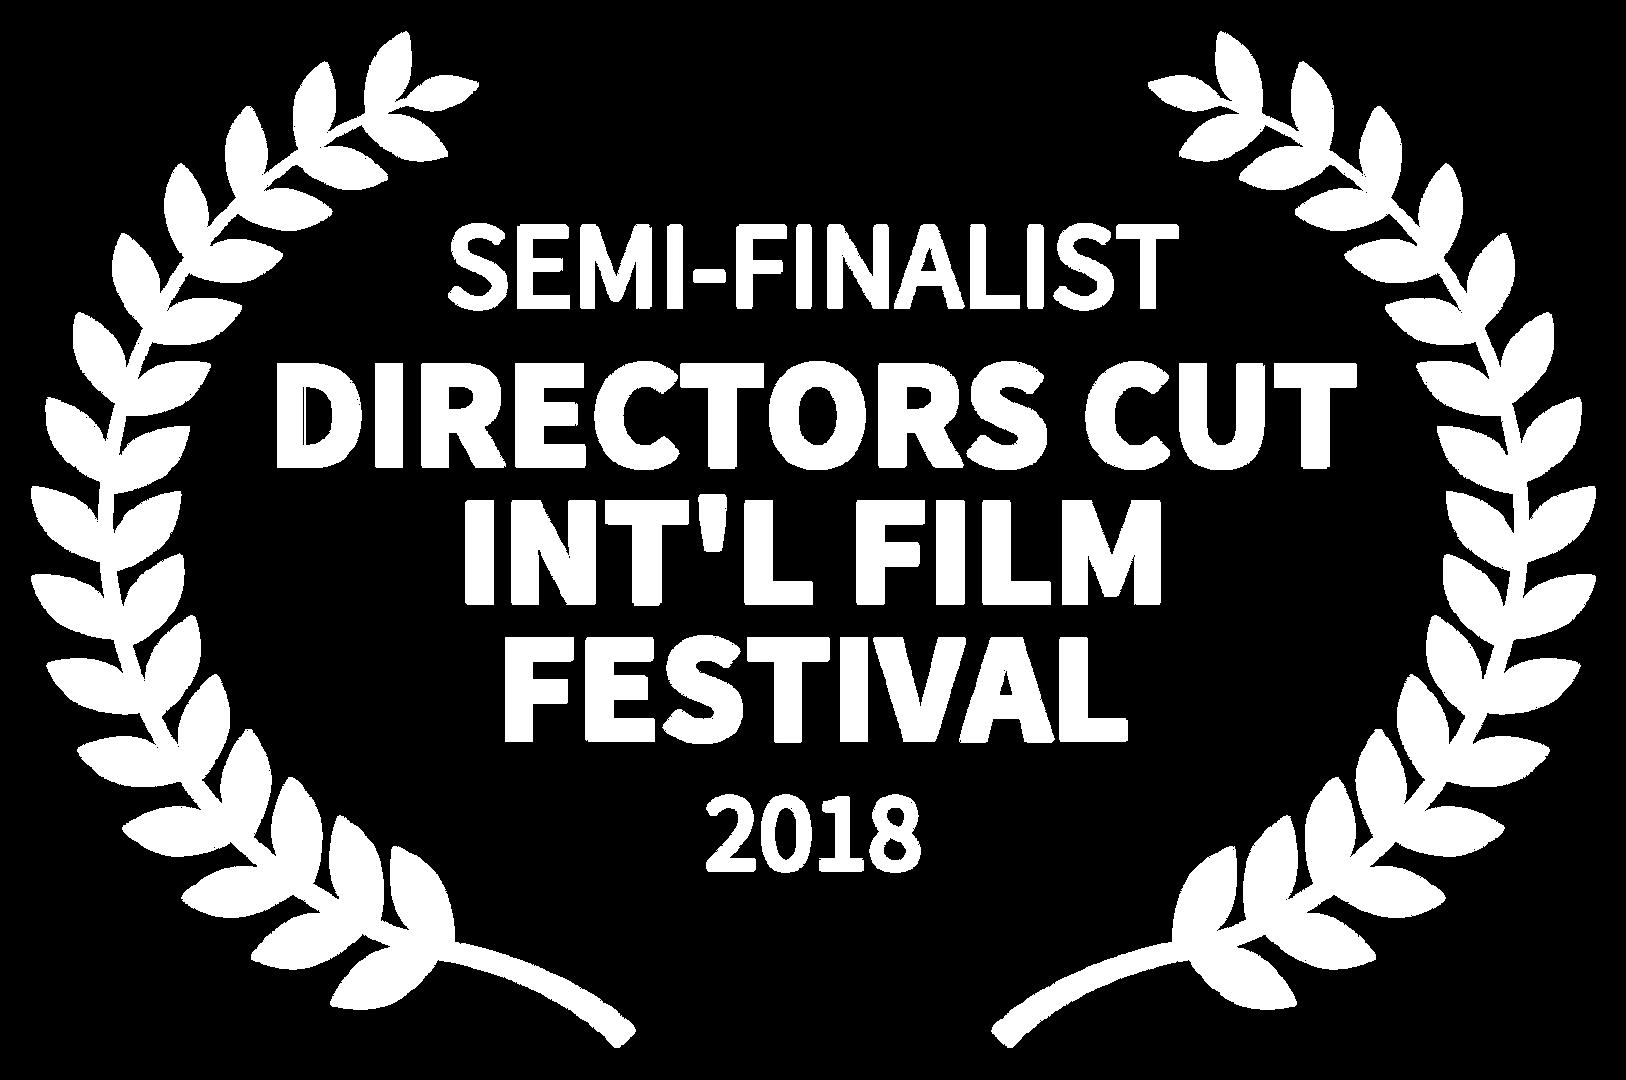 SEMI-FINALIST - DIRECTORS CUT INTL FILM